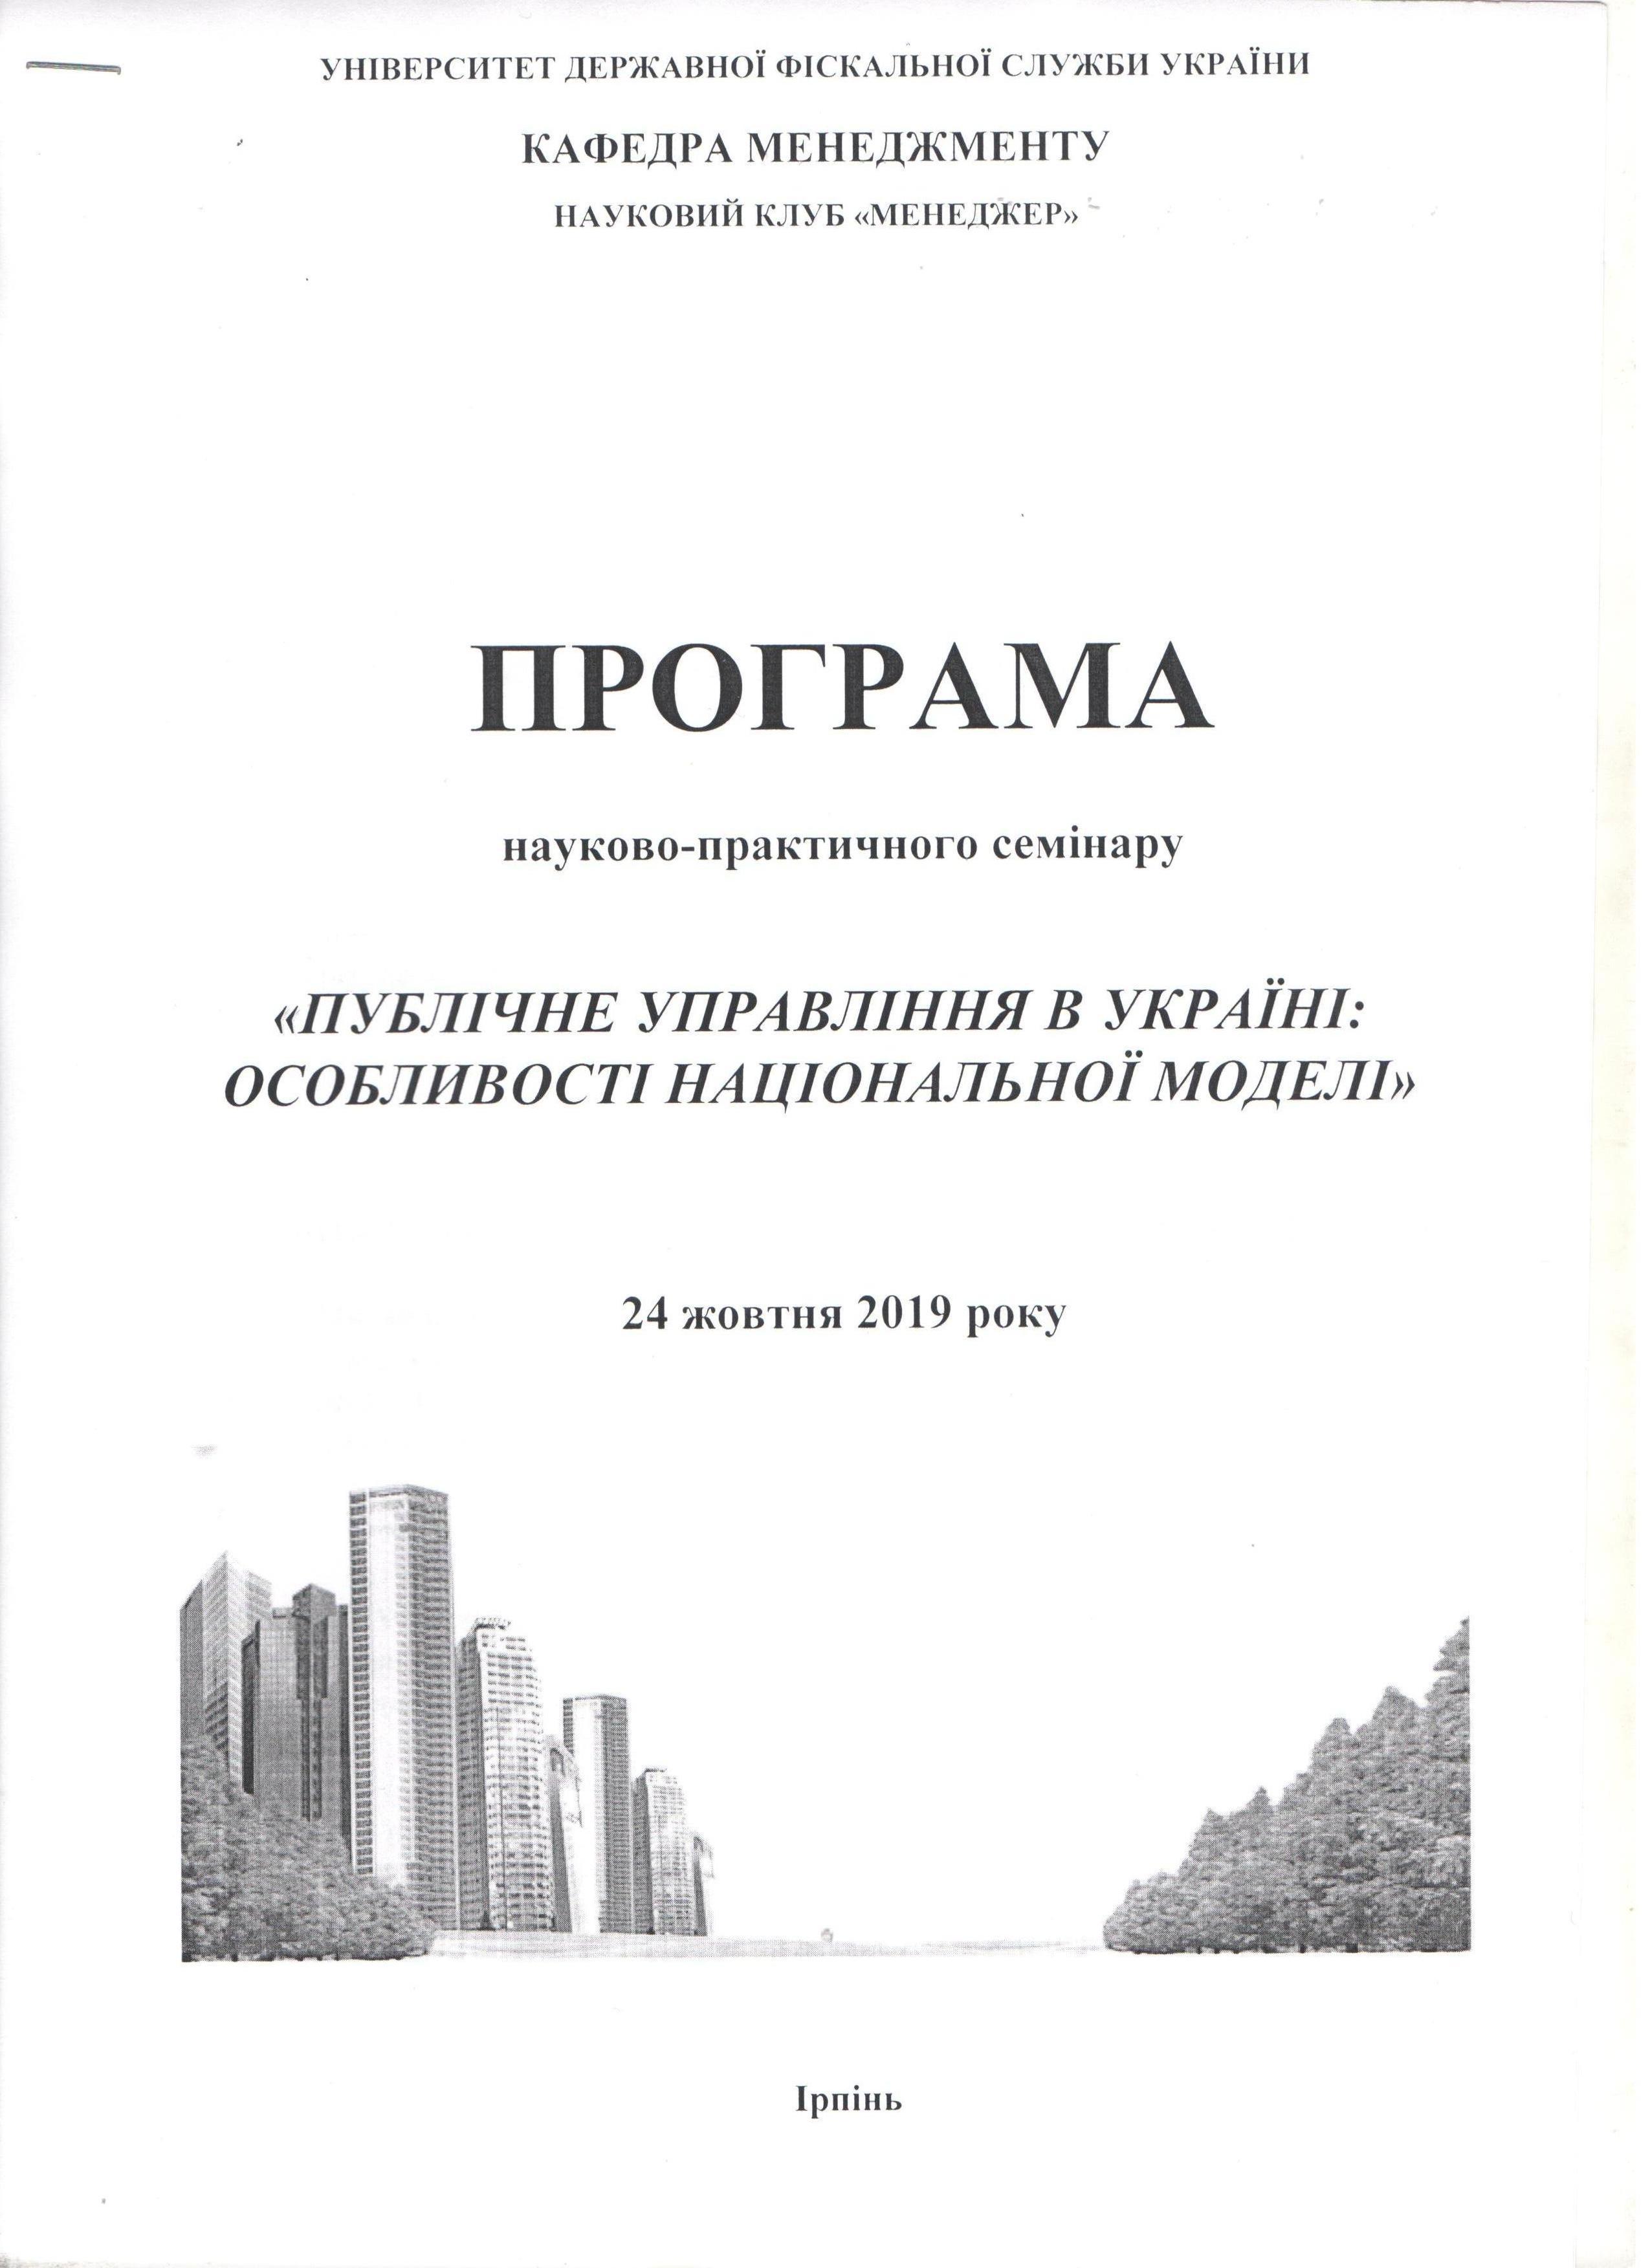 Збірник матеріалів науково-практичного круглого столу  «Оподаткування та економічна безпека держави в епоху діджиталізації»